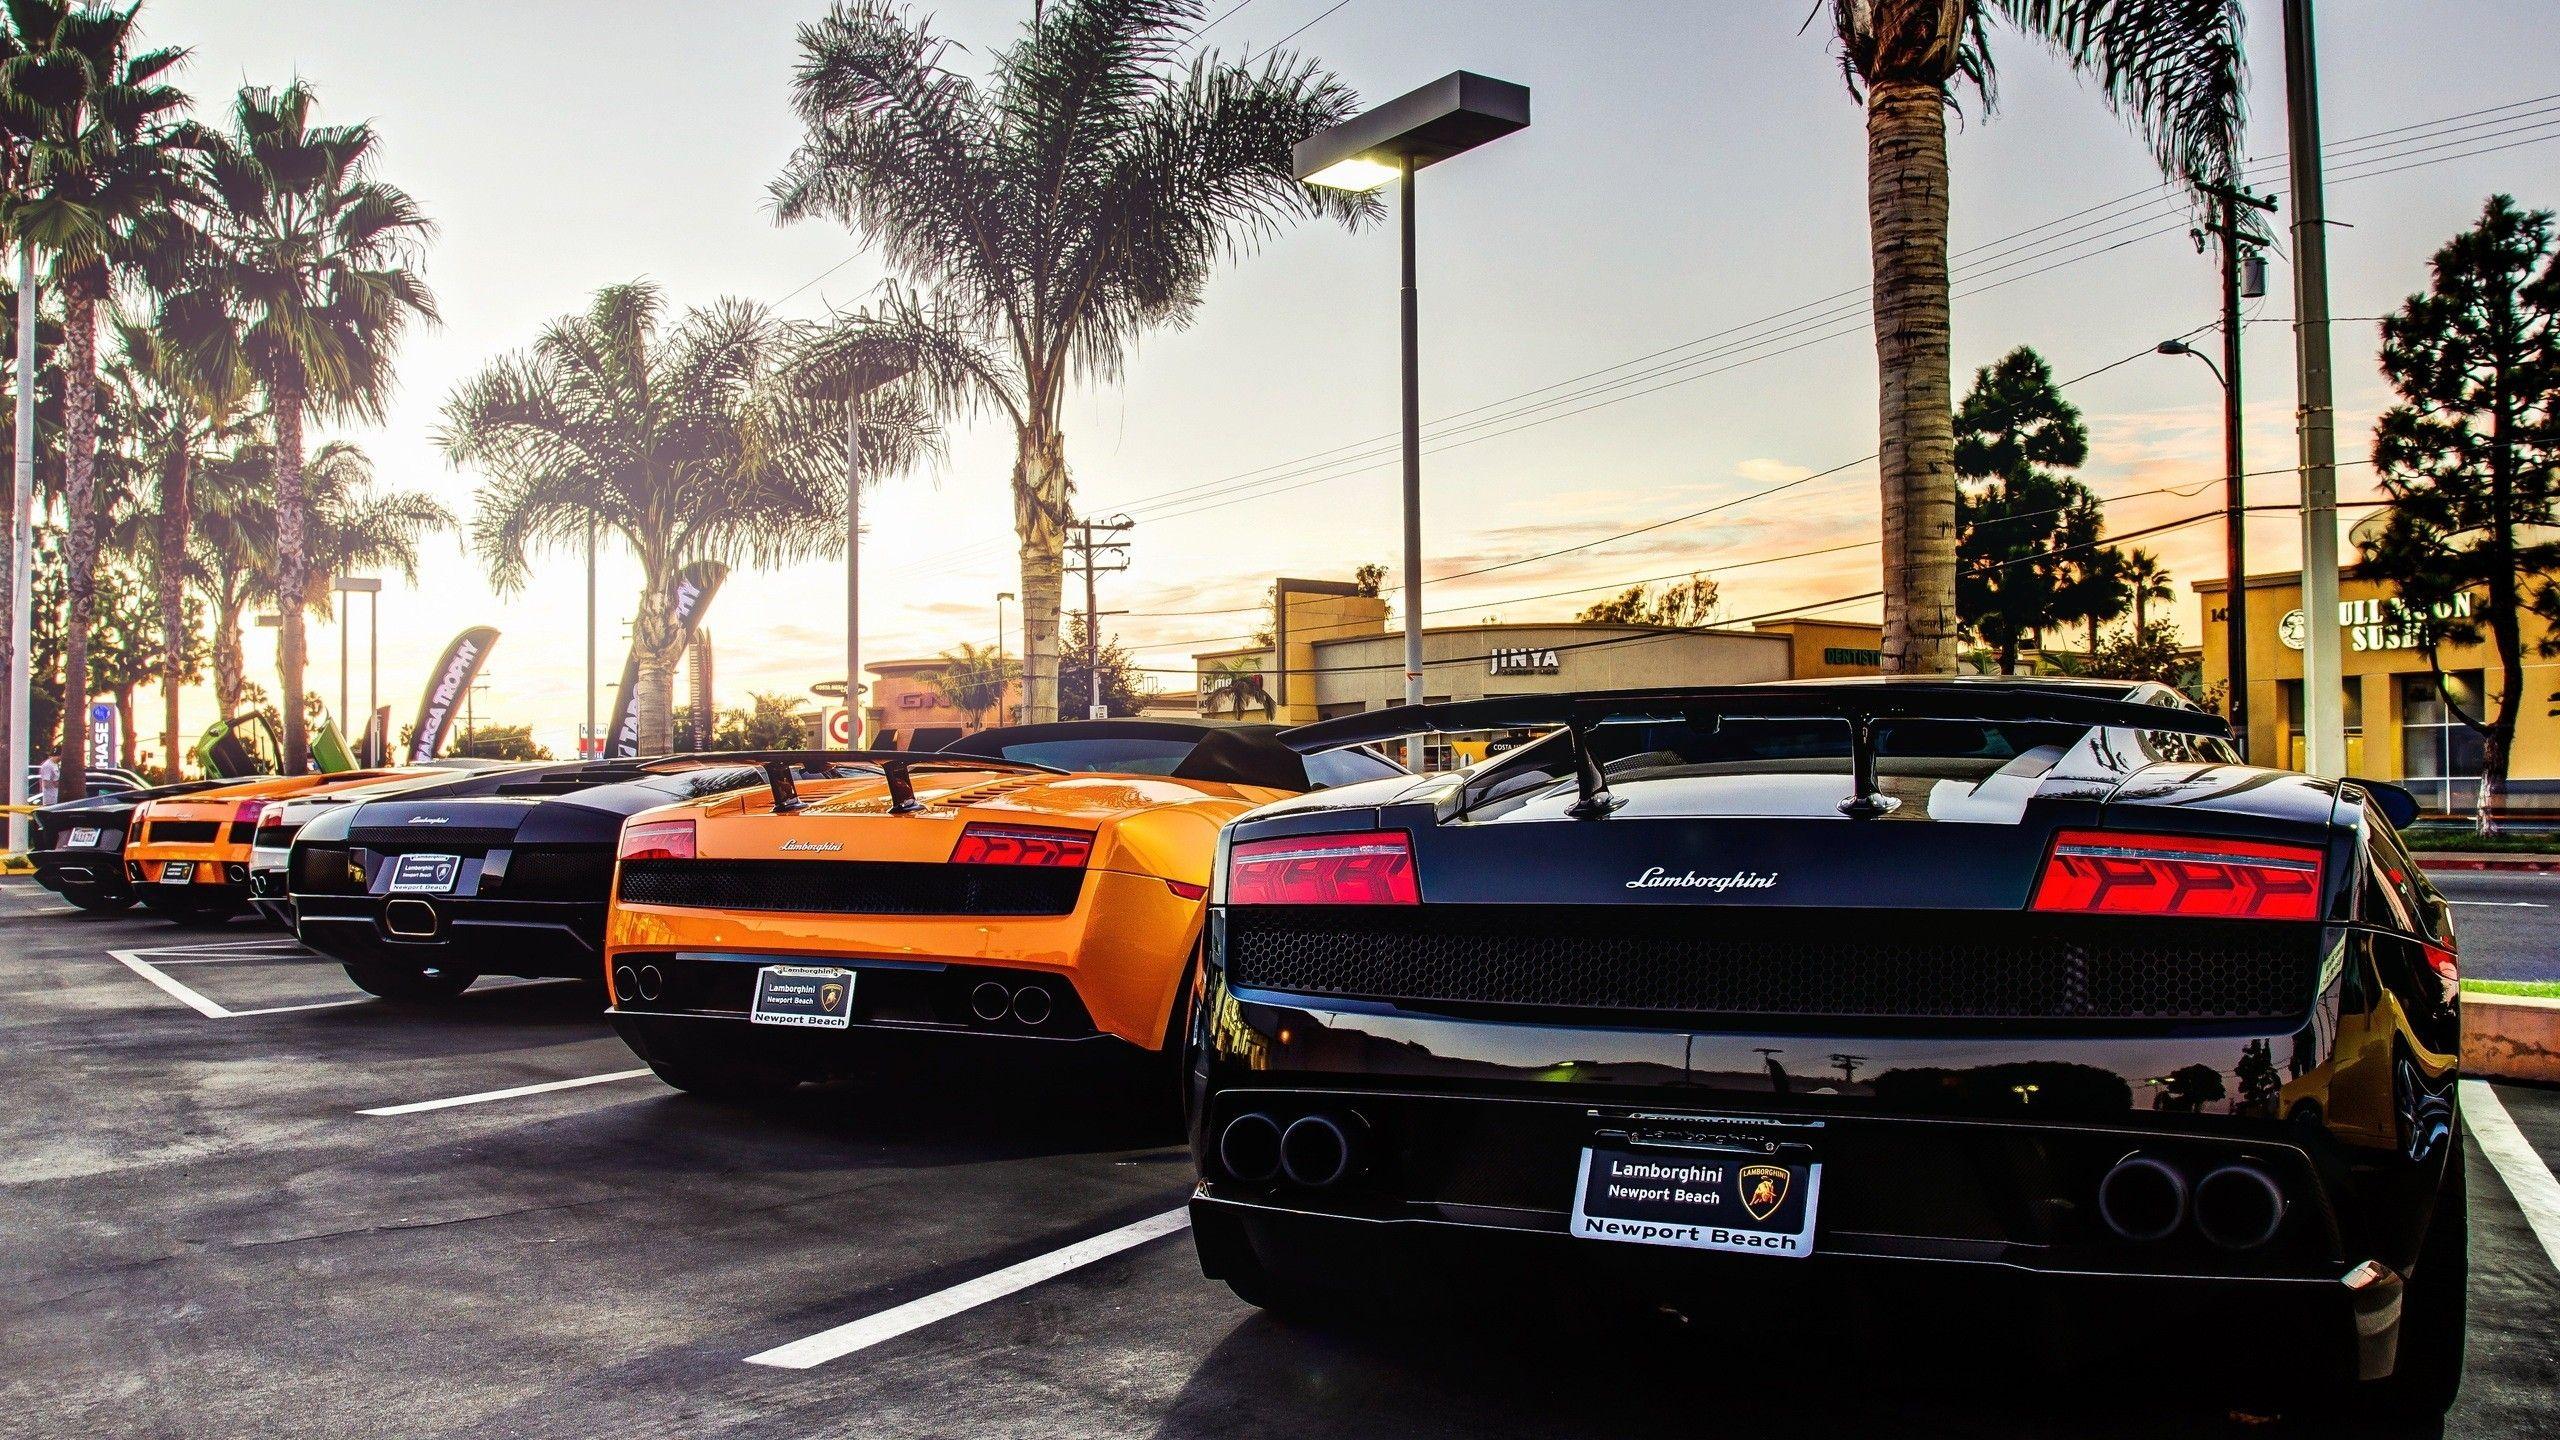 Lamborghini Cars At Newport Beach Hdwallpaperfx Lamborghini Cars